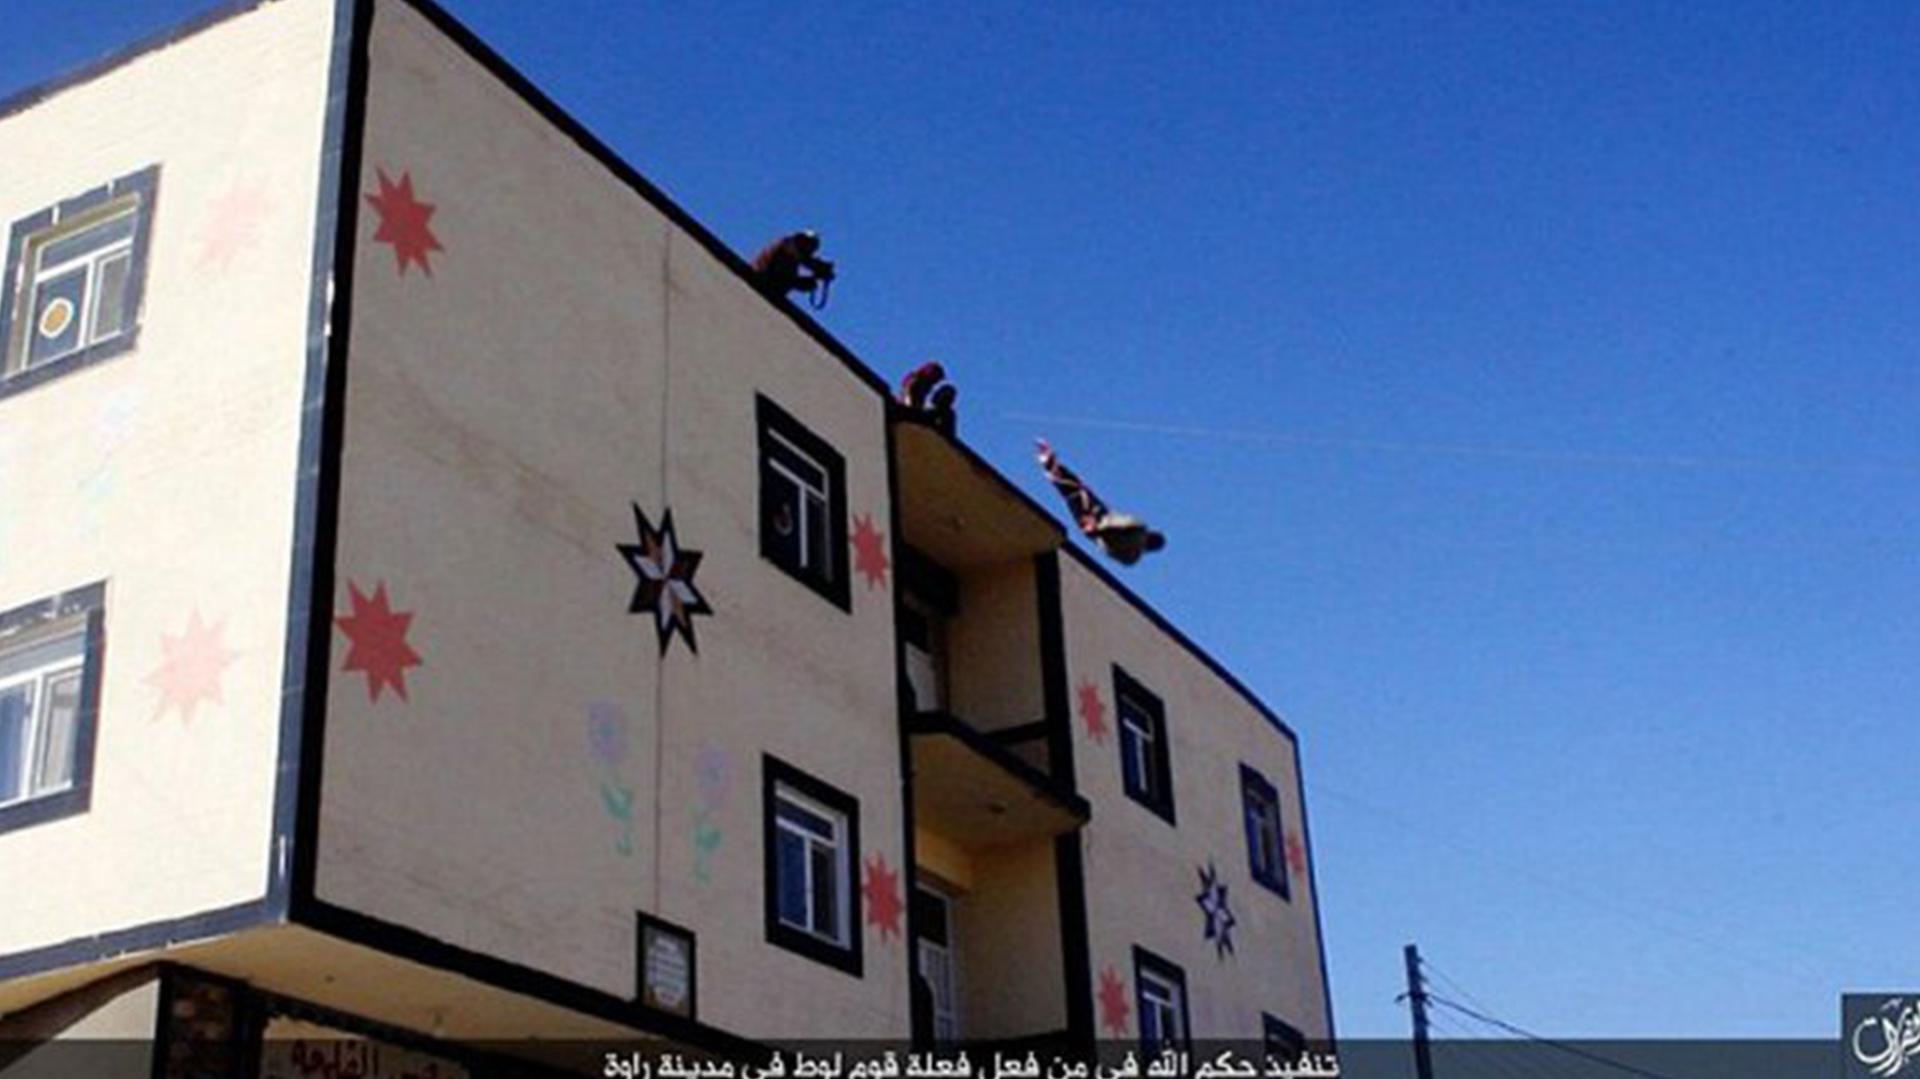 """El hombre fue sometido a un simulacro absurdo de """"tribunal islámico"""", que lo condenó a muerte. Como marcaba la tradición, fue arrojado desde la azotea de un edificio en la provincia siria de Deir Ezzor"""